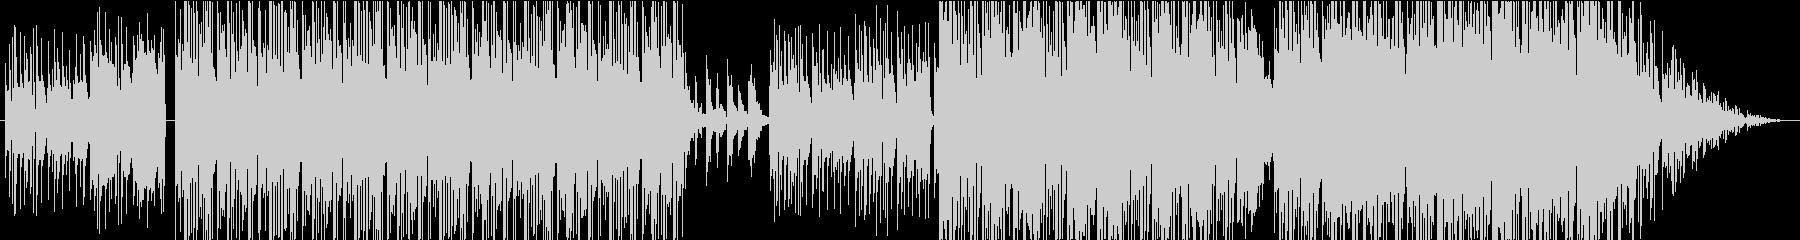 スタイリッシュで幻想的、ジャズ調BGMの未再生の波形